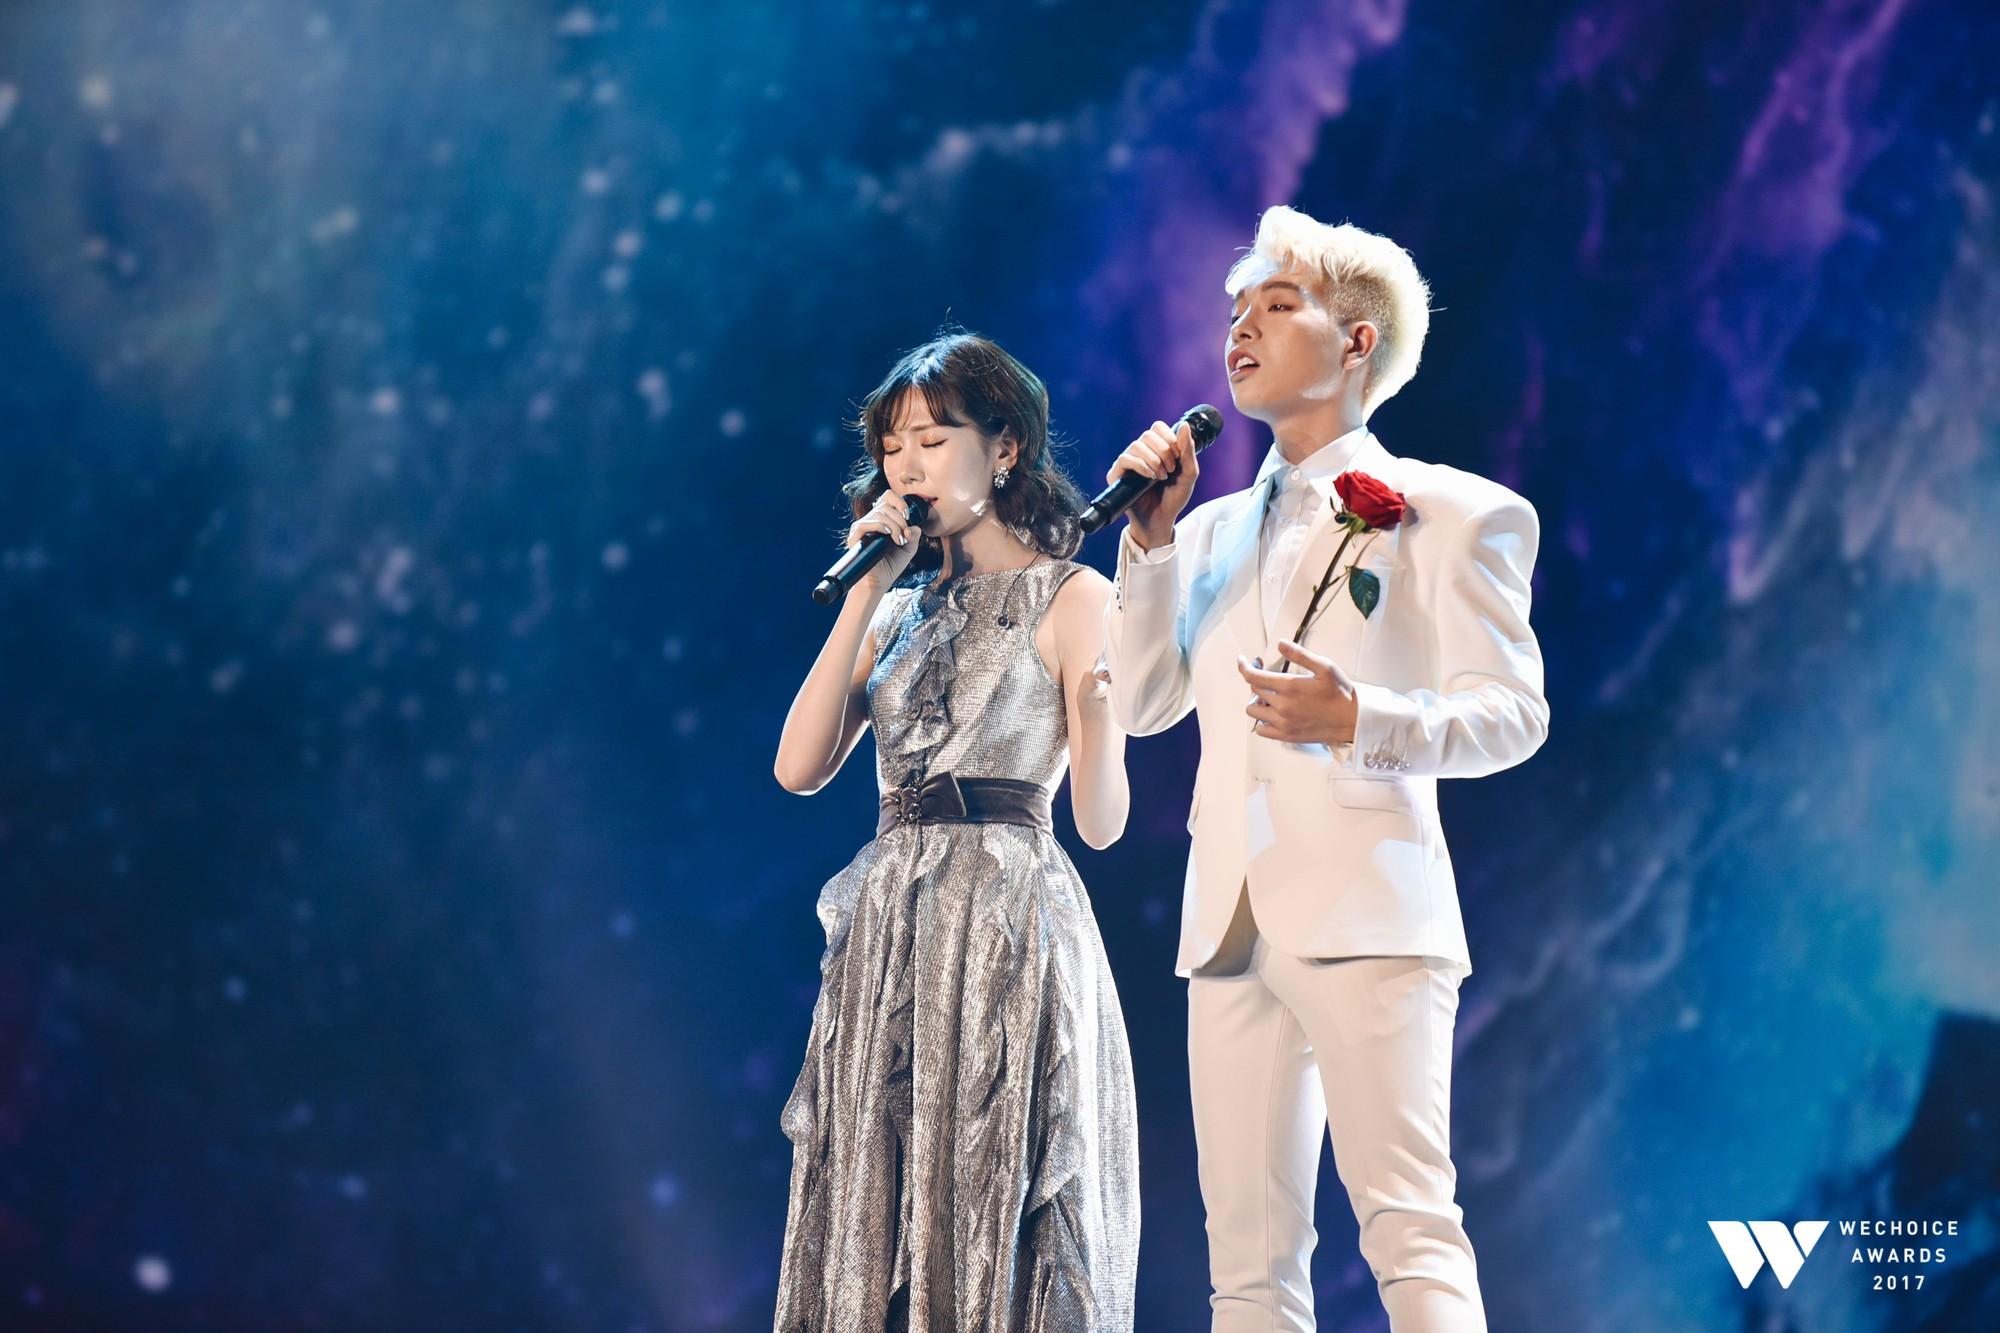 Khoảnh khắc WeChoice Awards: Đẹp nhất là khi Sơn Tùng, bé Bôm và các nghệ sĩ Việt cùng chậm lại trong dòng cảm xúc vỡ òa - Ảnh 24.